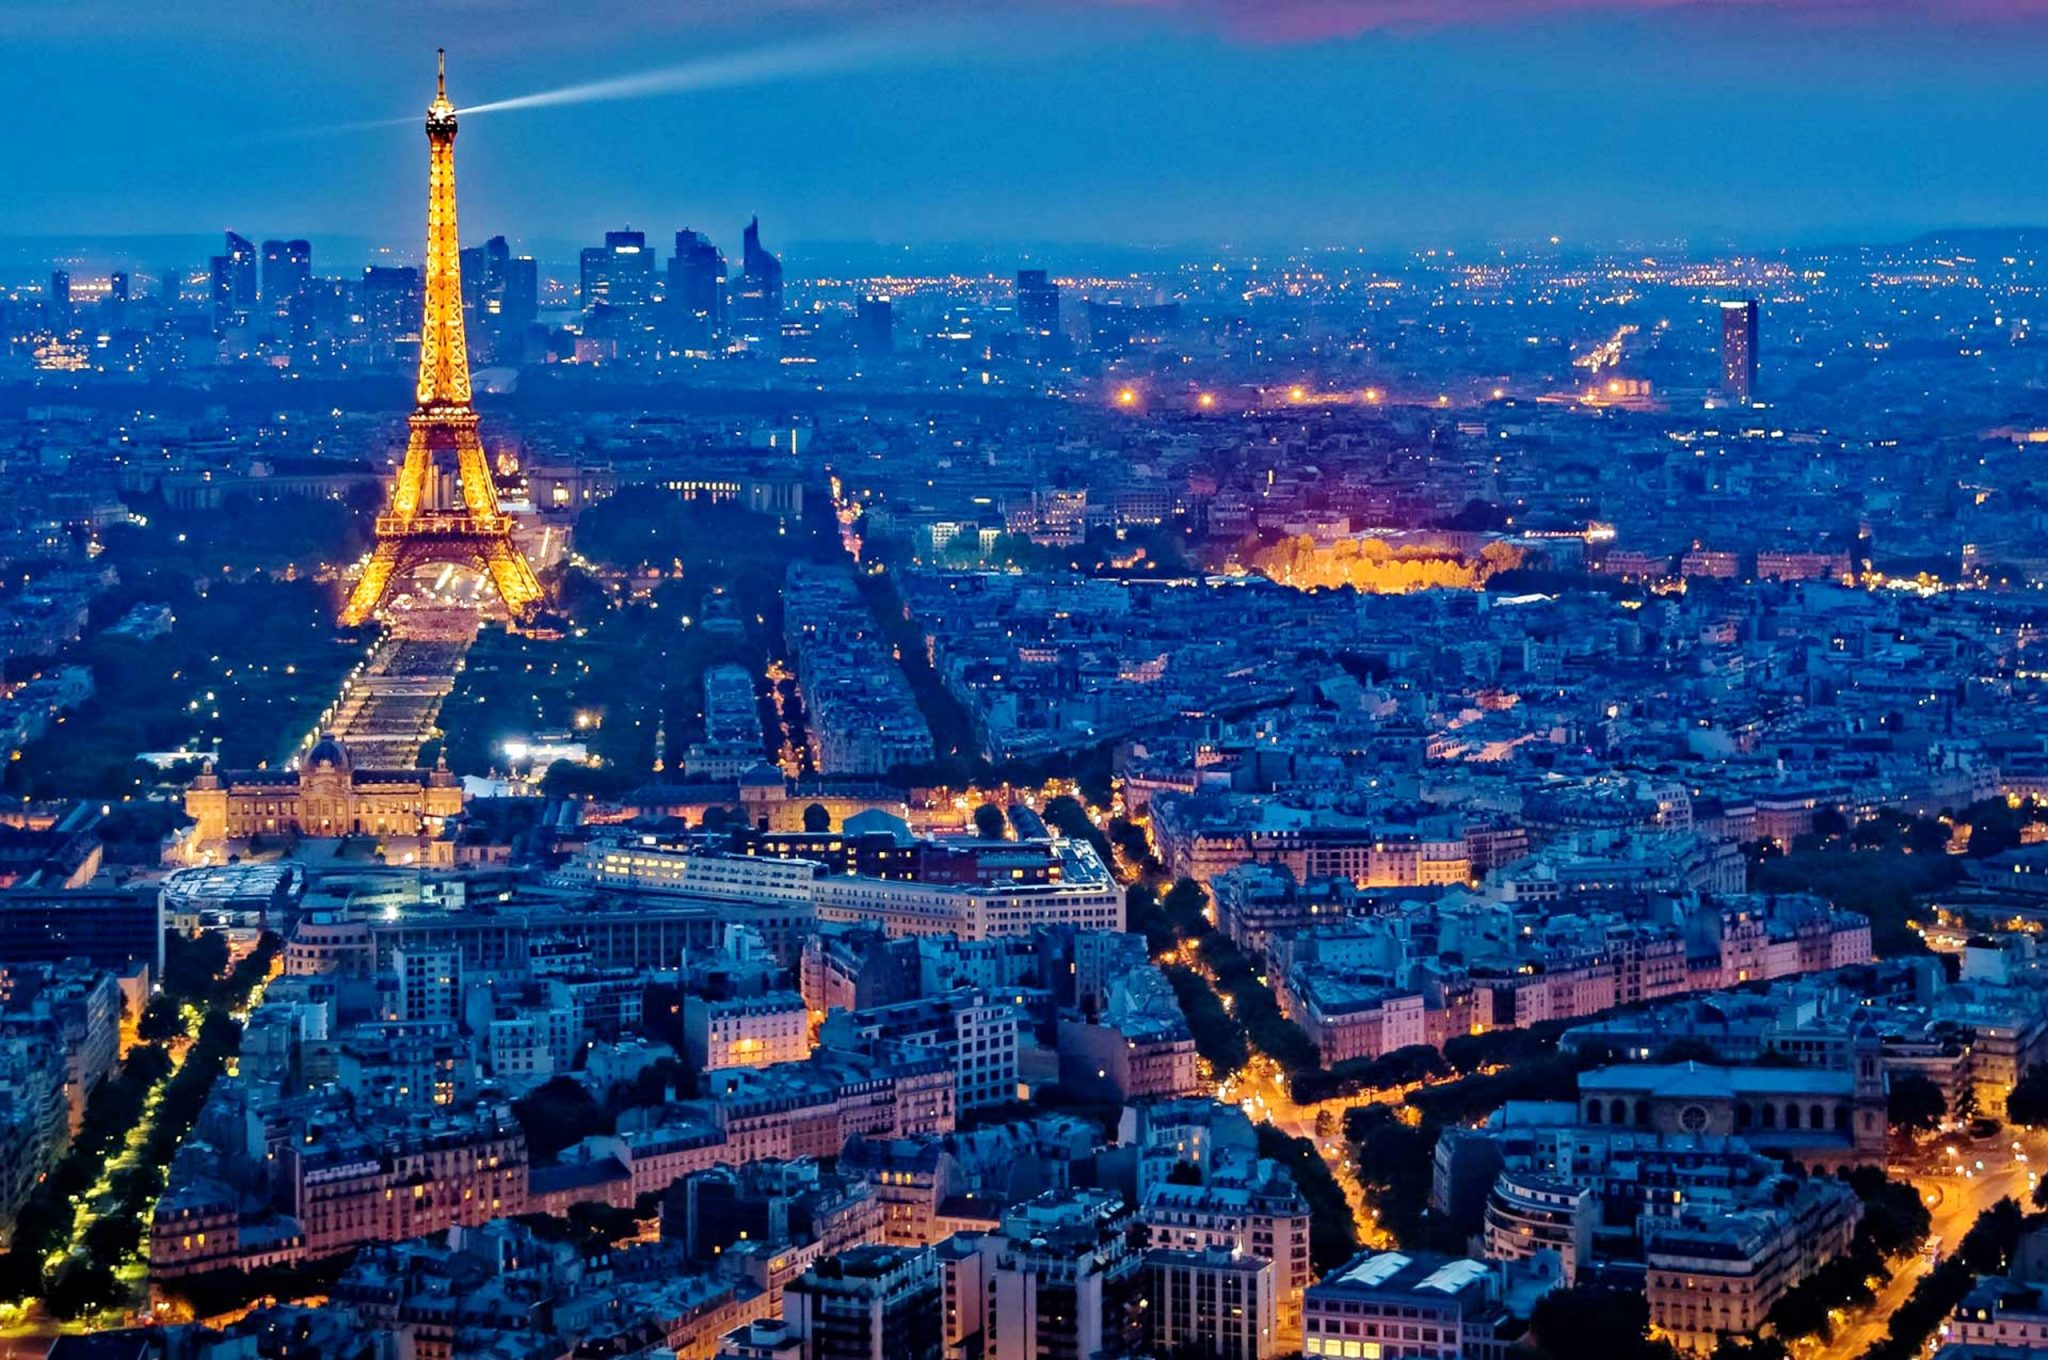 ferie del 2020 Parigi